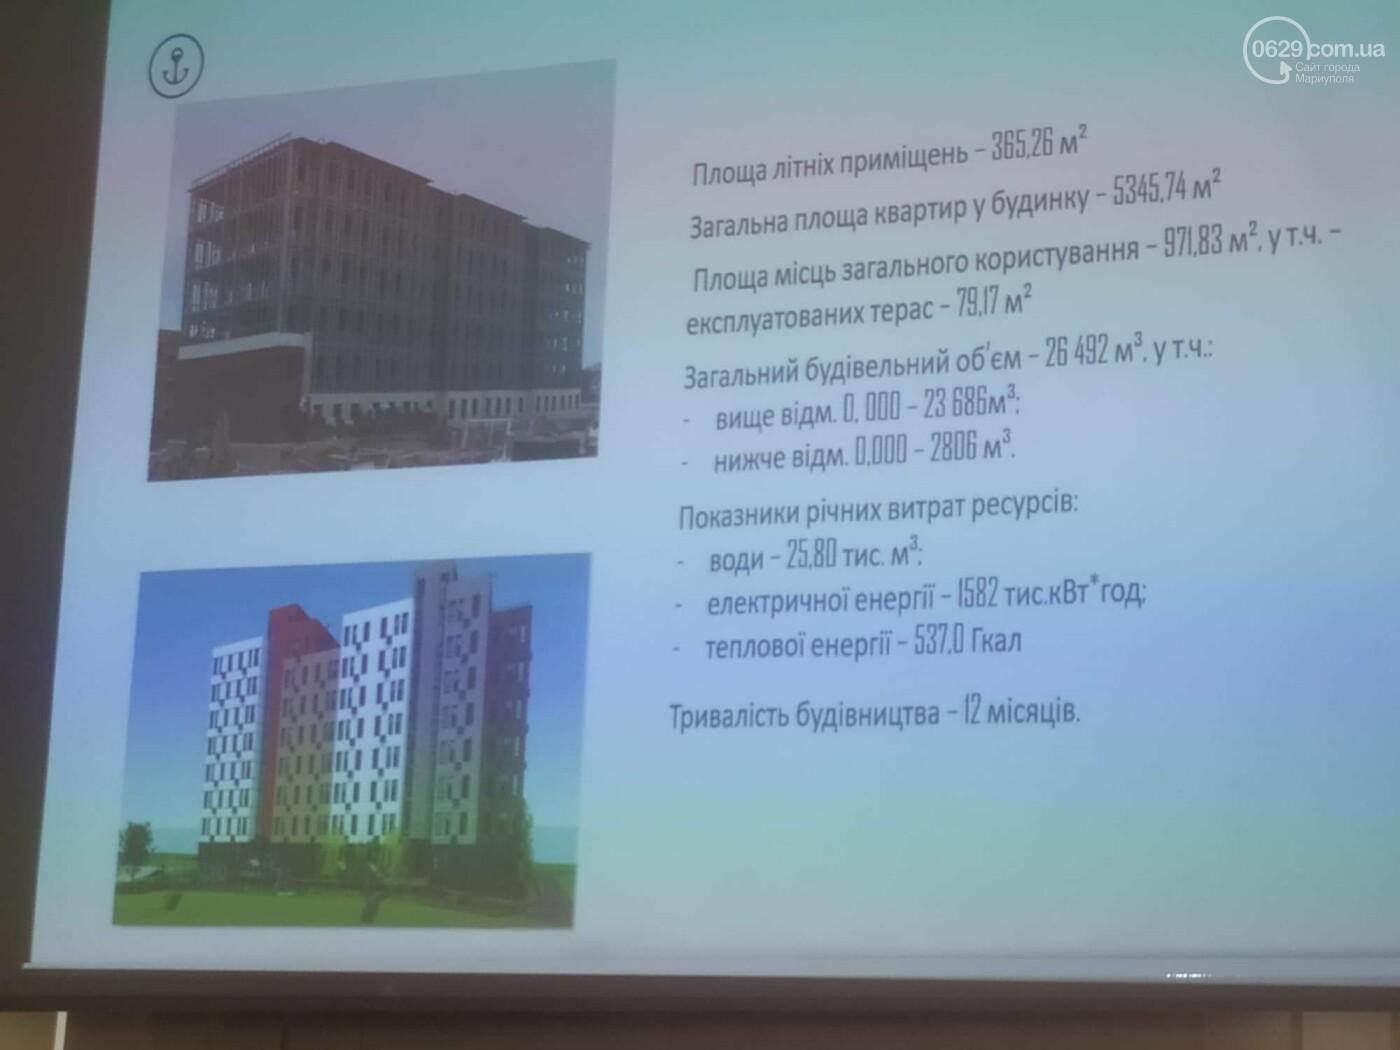 В Мариуполе построят 8-этажный дом для молодежи и работников коммунальной сферы, - ФОТО, фото-2